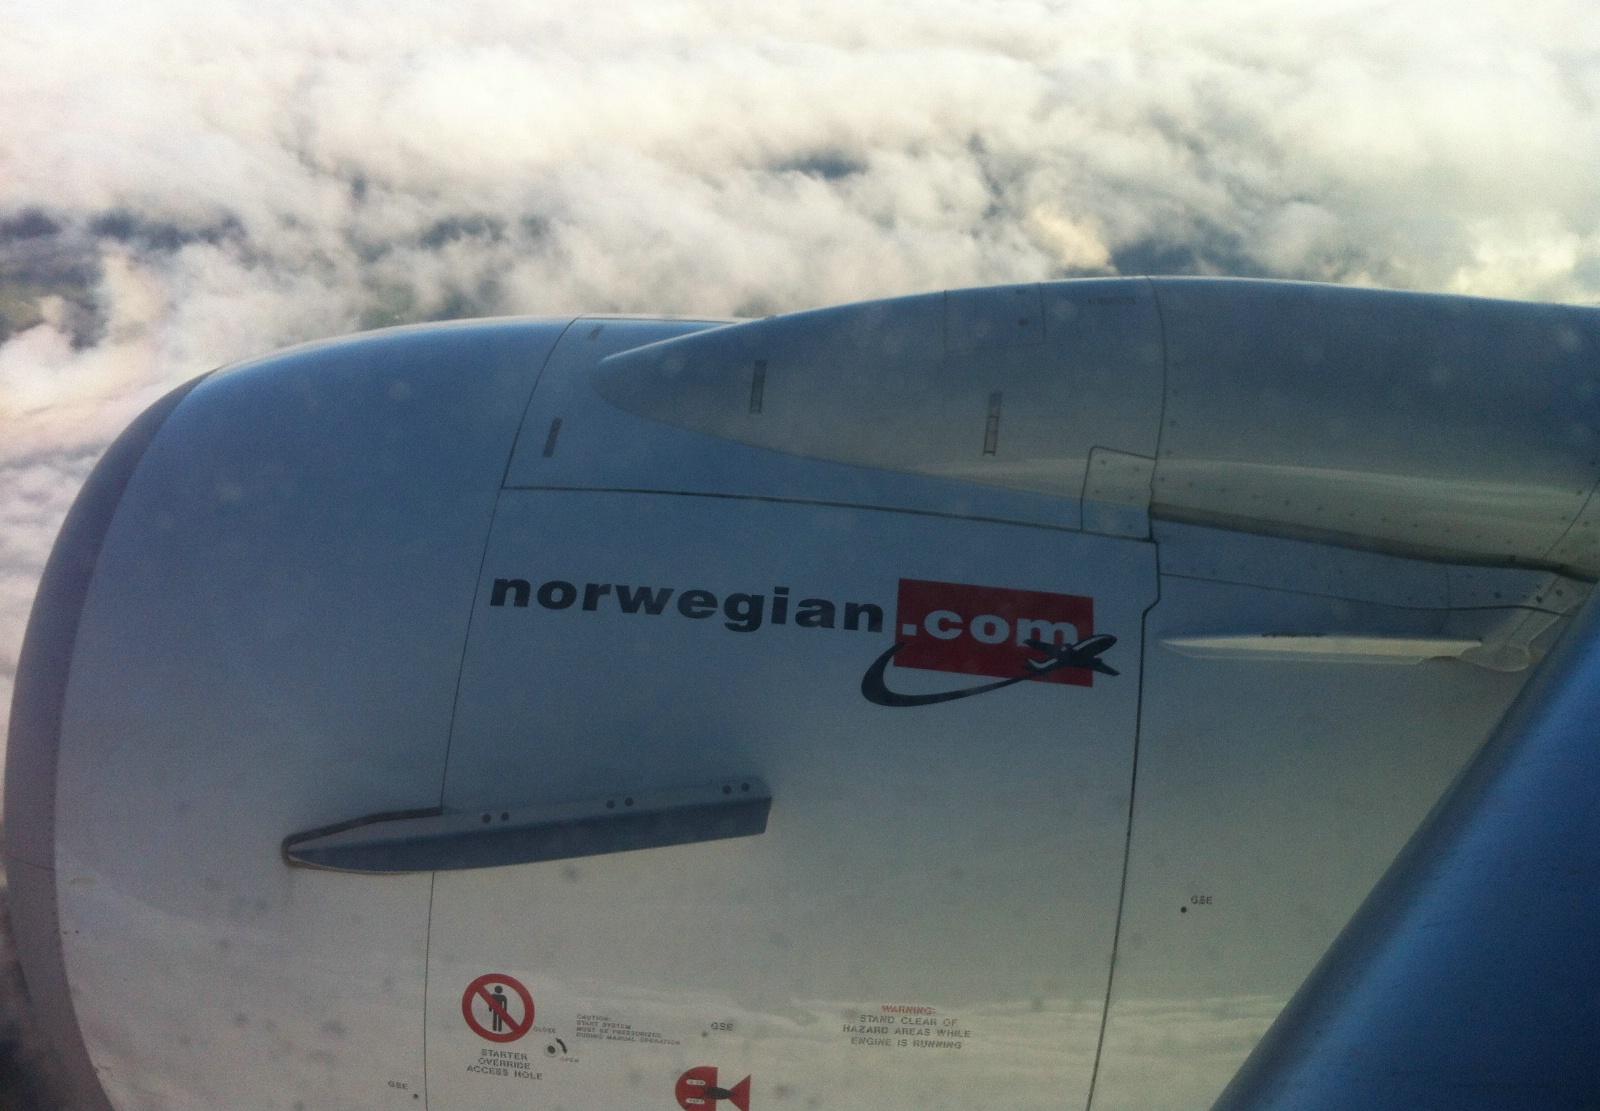 Norwegian Boeing 737-800 i luften. (Foto: Ole Kirchert Christensen)